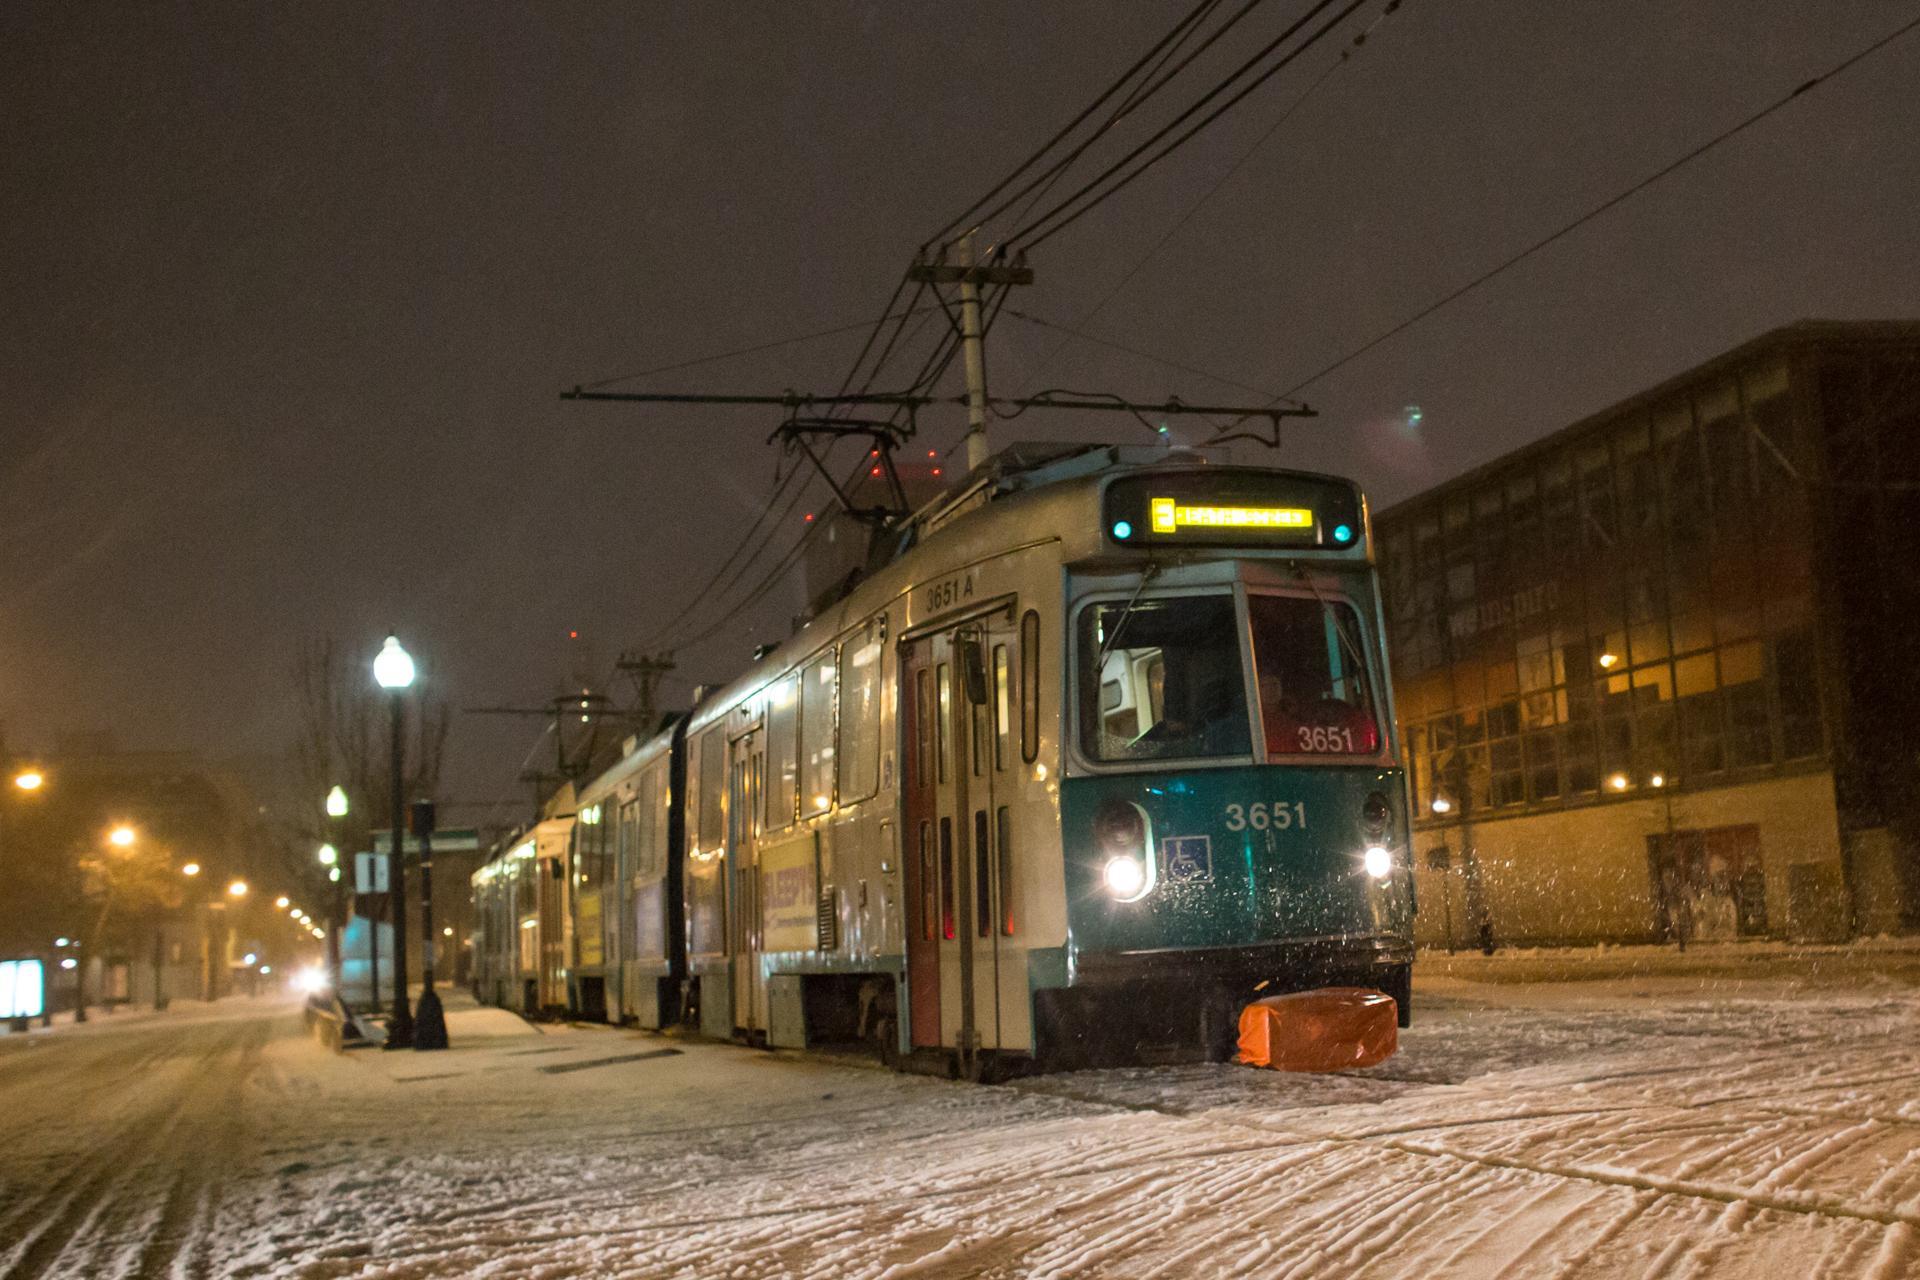 https://c.o0bg.com/rf/image_1920w/Boston/2011-2020/2015/12/29/BostonGlobe.com/Metro/Images/151229_KDB_SNOW_012.jpg